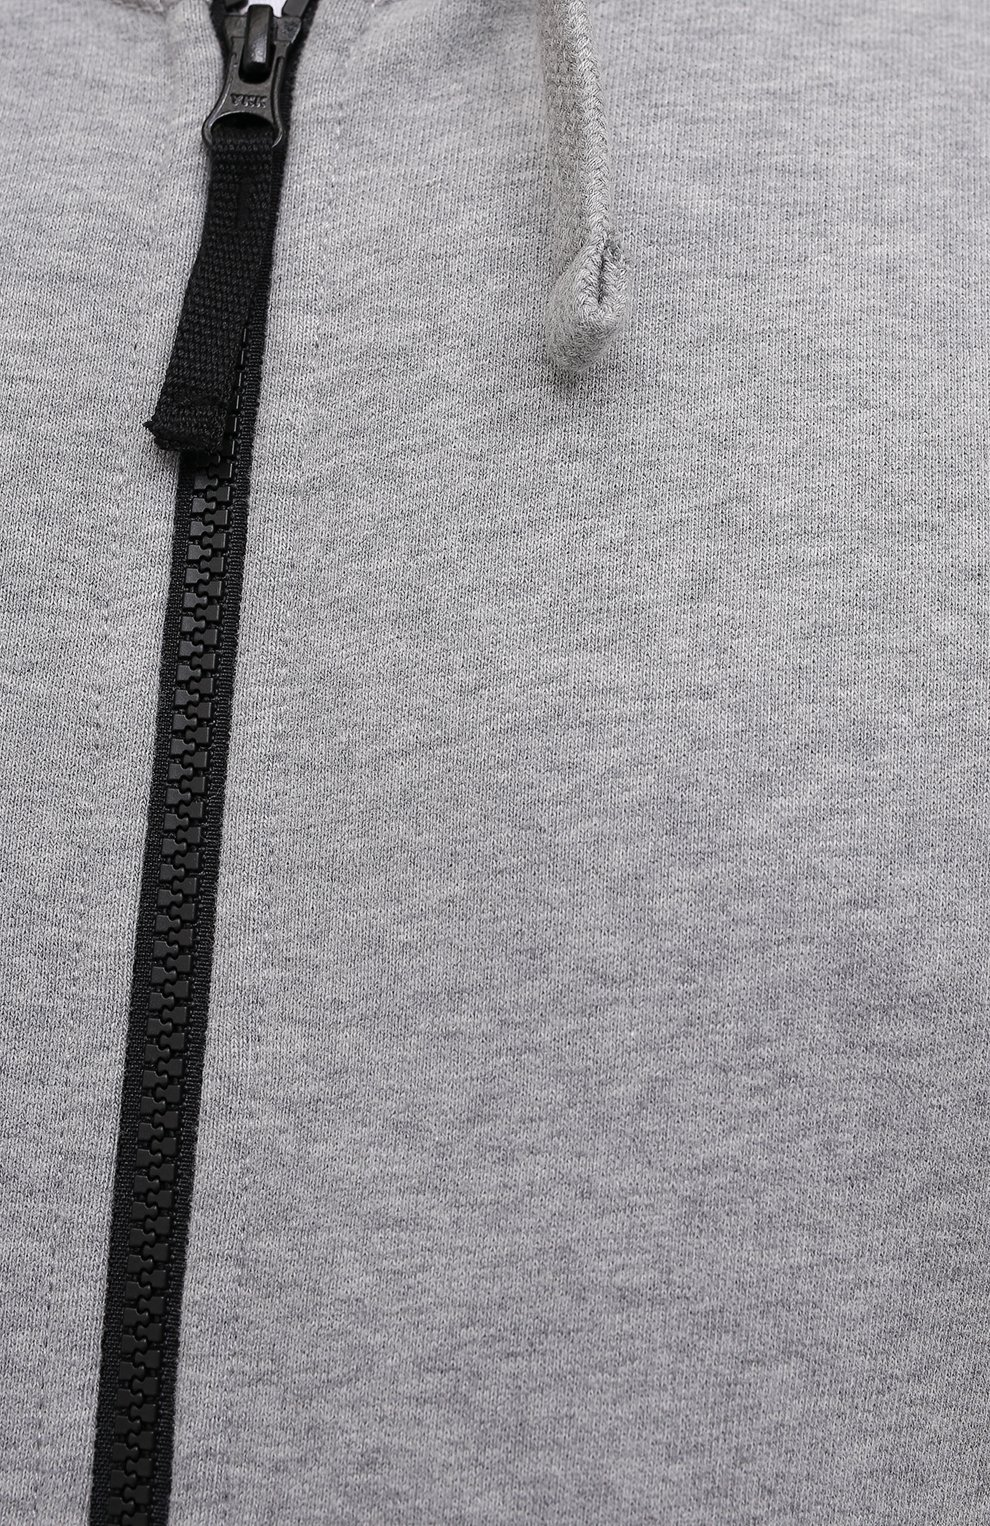 Мужской хлопковая толстовка STONE ISLAND светло-серого цвета, арт. 751564220 | Фото 5 (Рукава: Длинные; Мужское Кросс-КТ: Толстовка-одежда; Длина (для топов): Стандартные; Материал внешний: Хлопок; Стили: Спорт-шик)